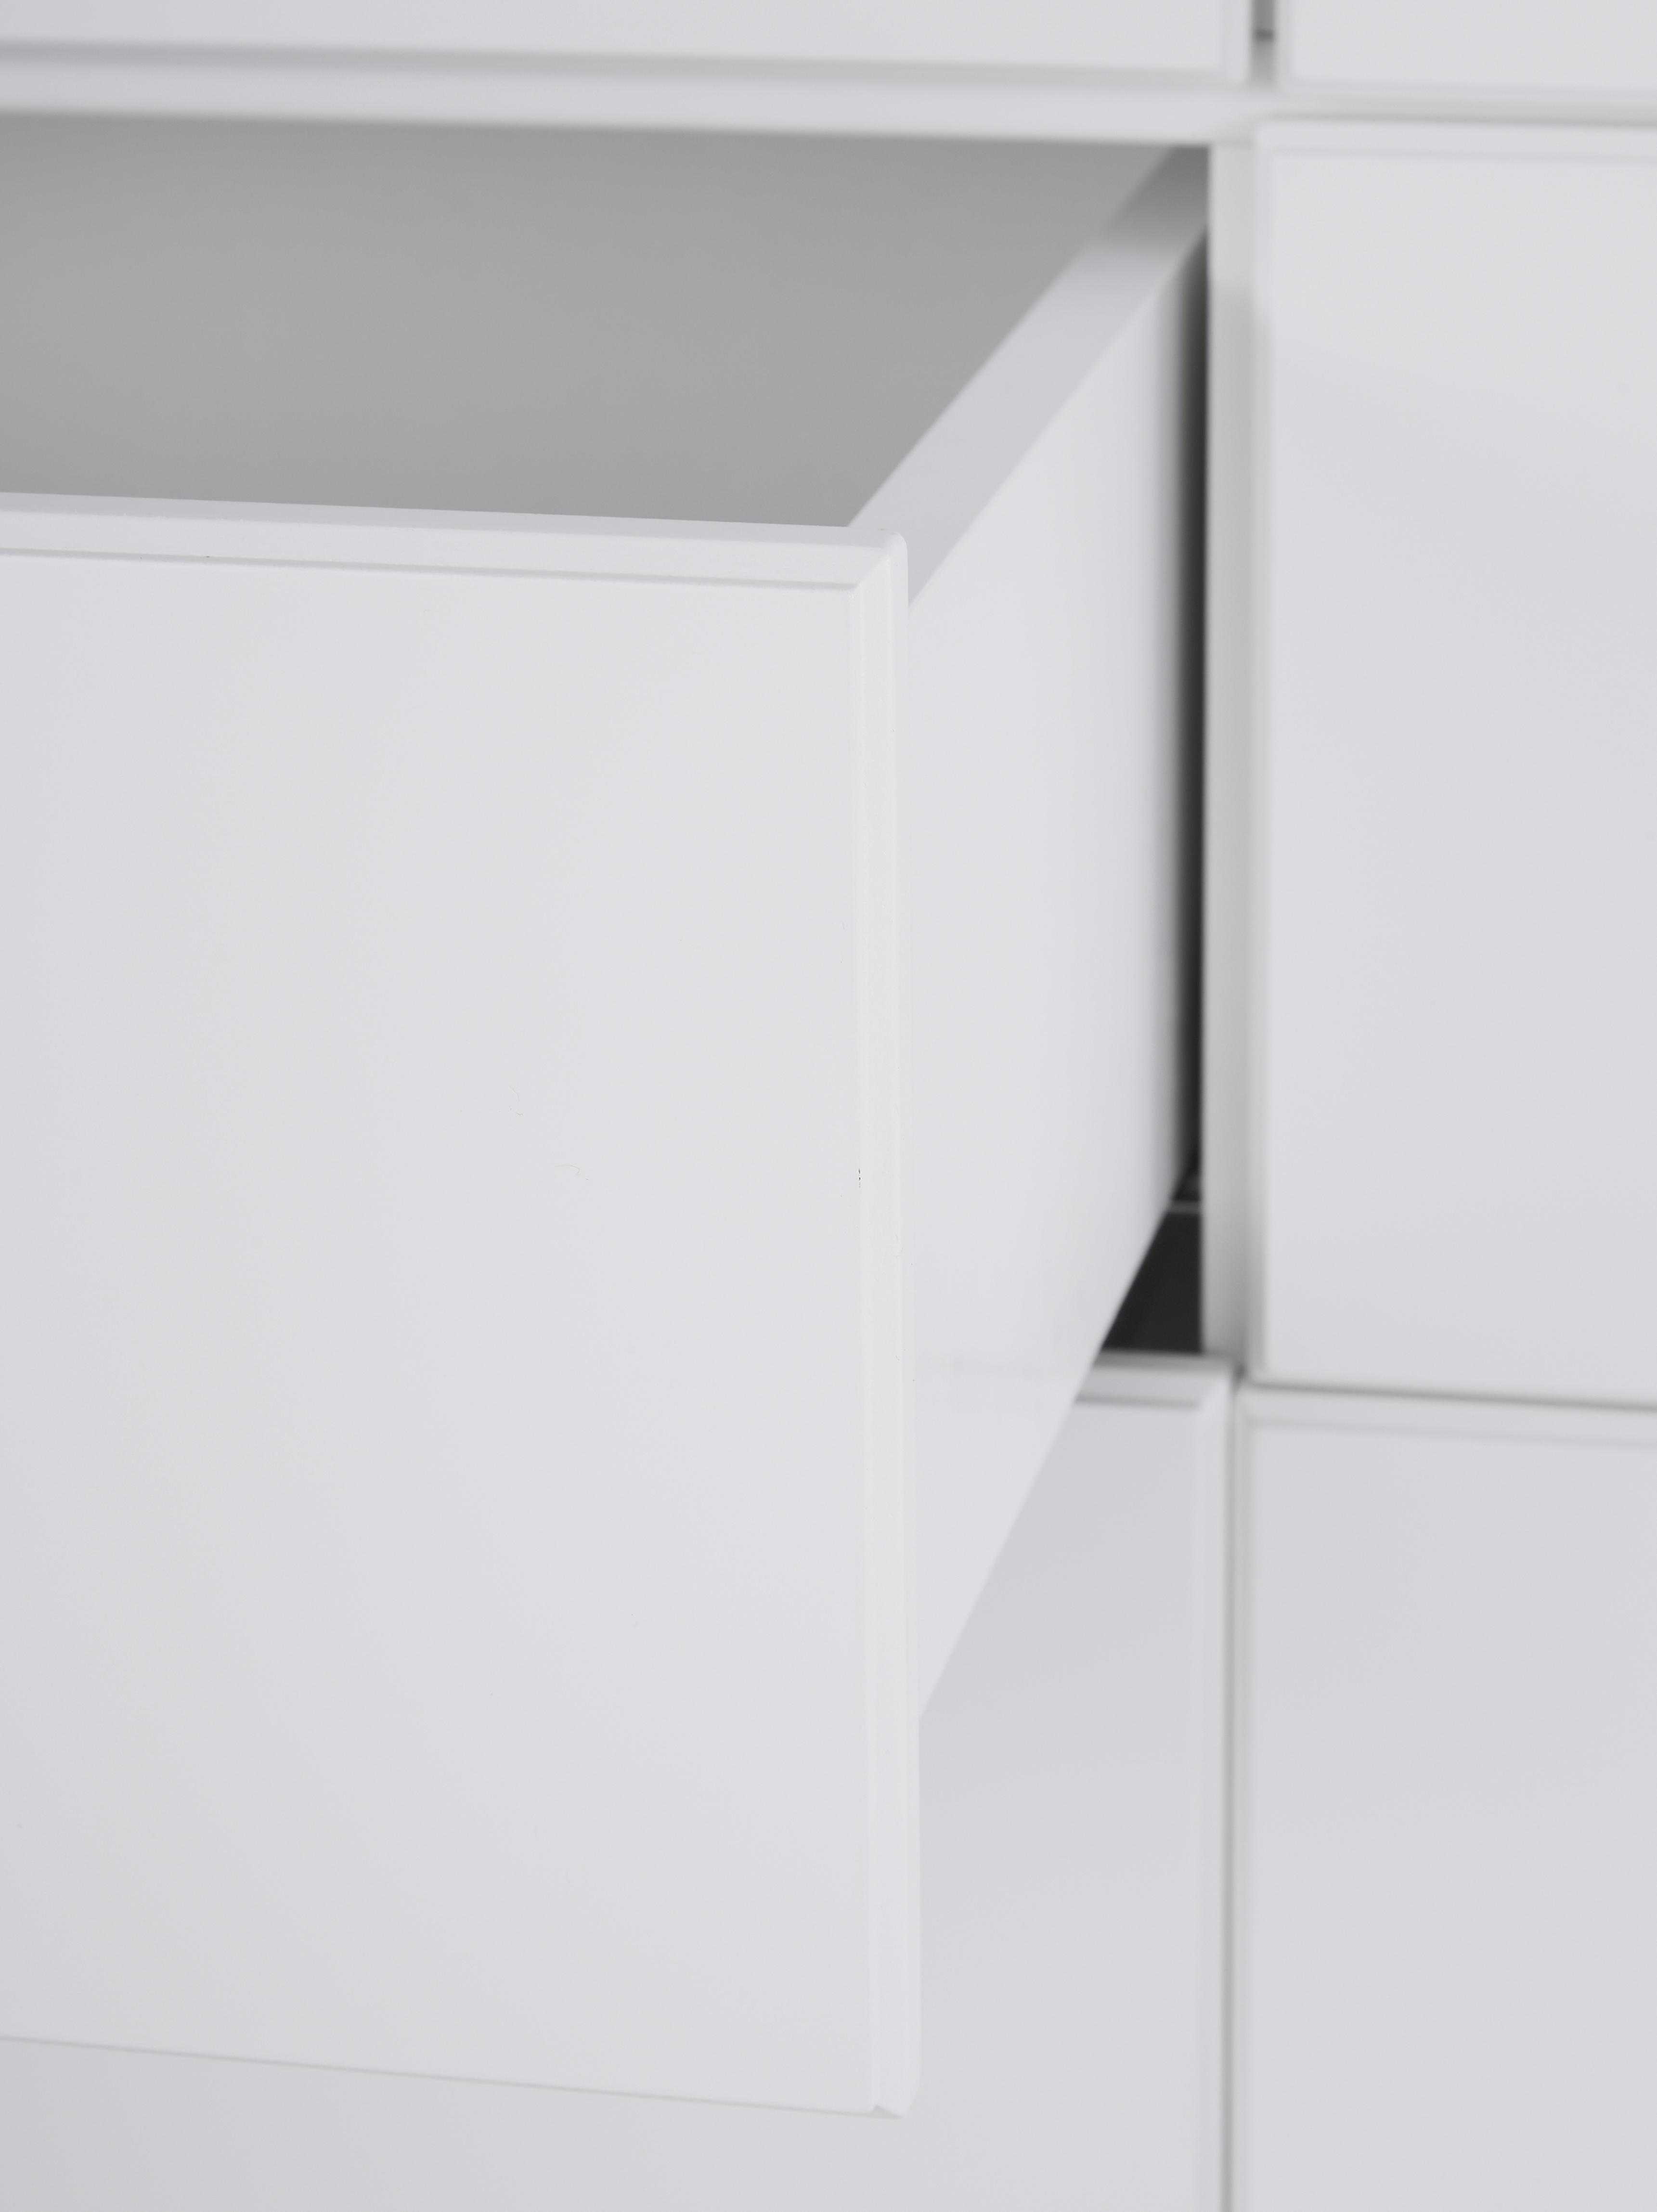 Schrank Harlequin, Front: Plexiglas, Griffe: Messing, Weiss, 106 x 176 cm